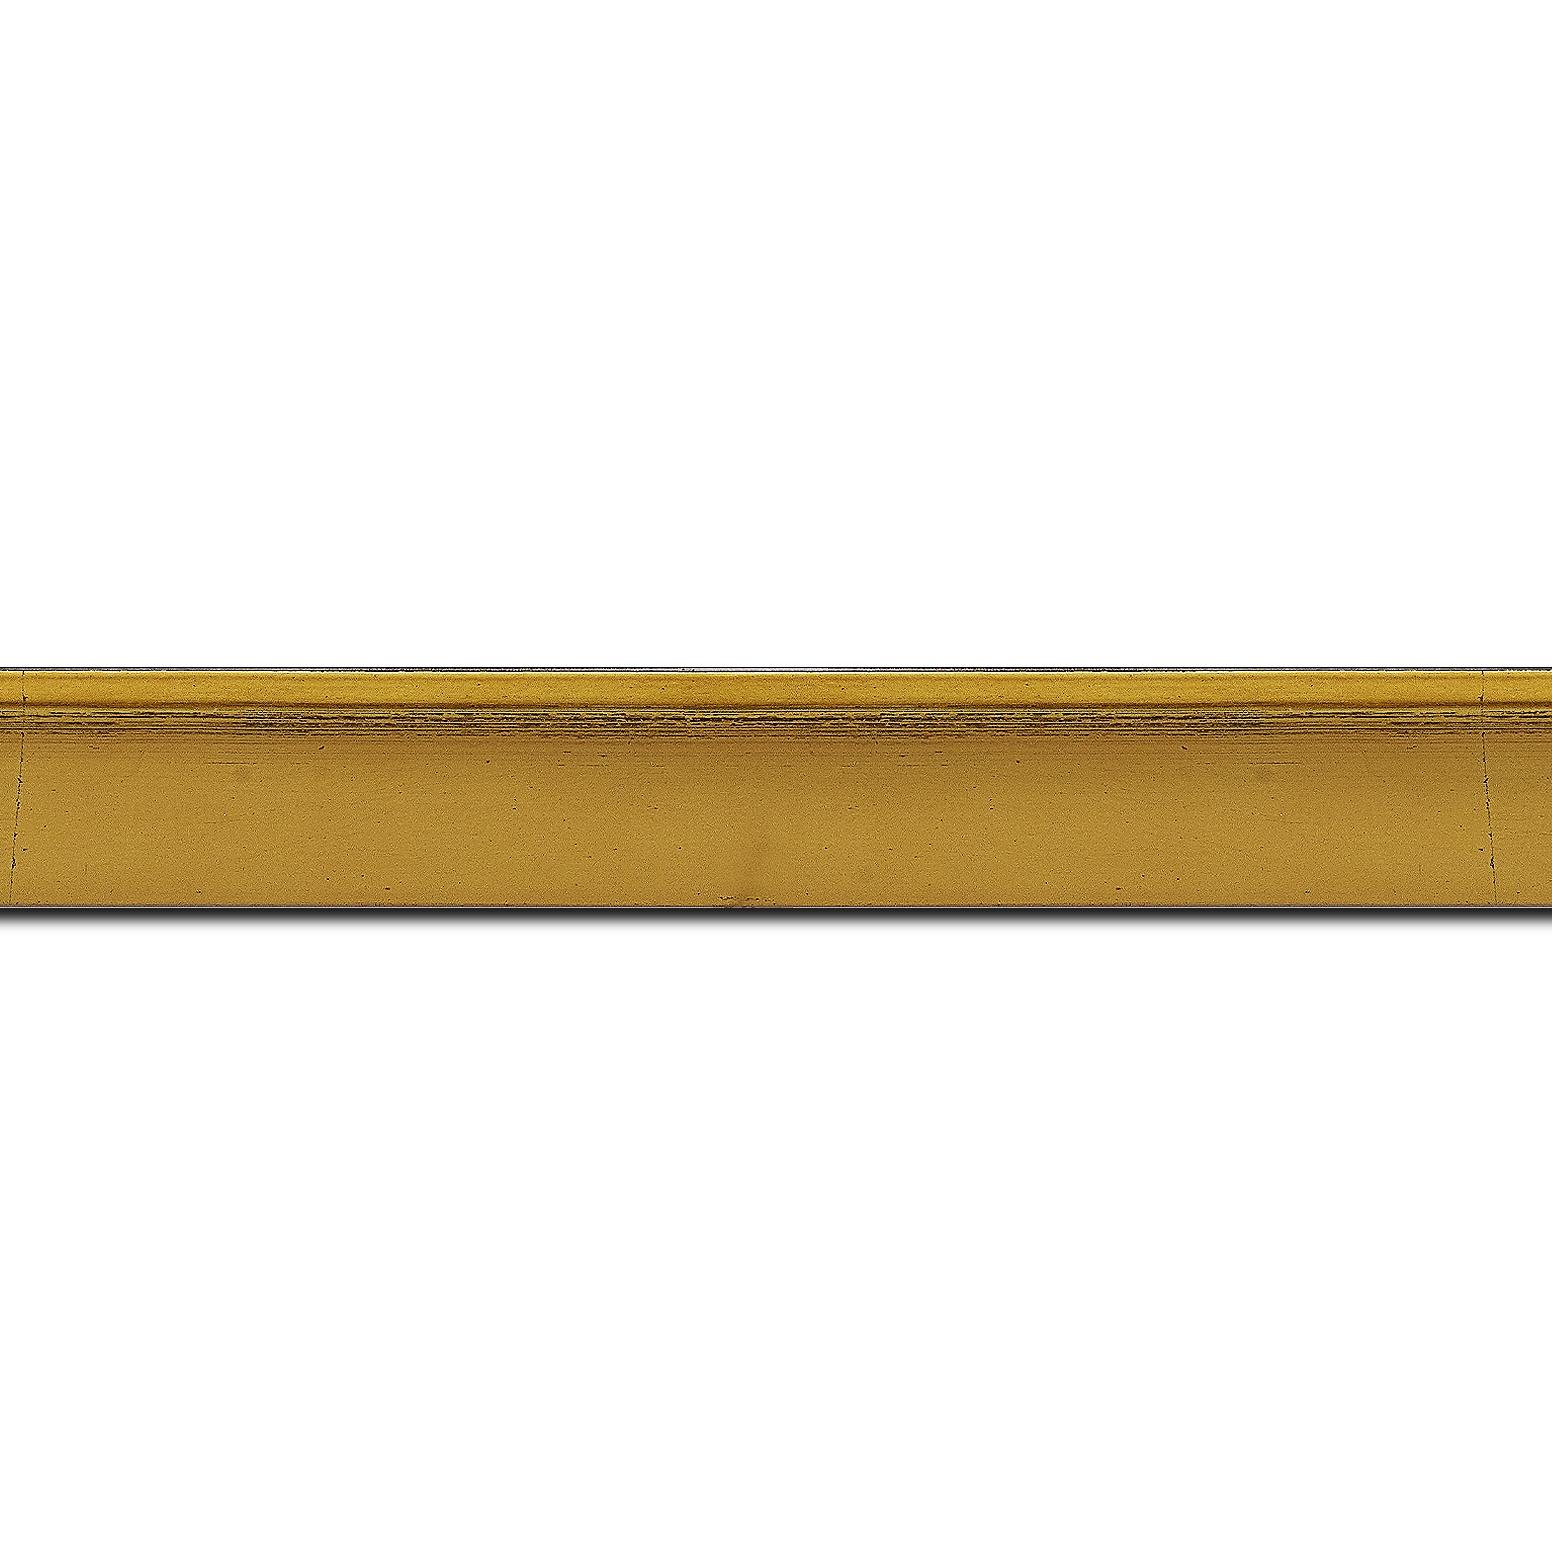 Pack par 12m, bois profil en pente plongeant largeur 2.2cm couleur or coté extérieur foncé. finition haut de gamme car dorure à l'eau fait main (longueur baguette pouvant varier entre 2.40m et 3m selon arrivage des bois)